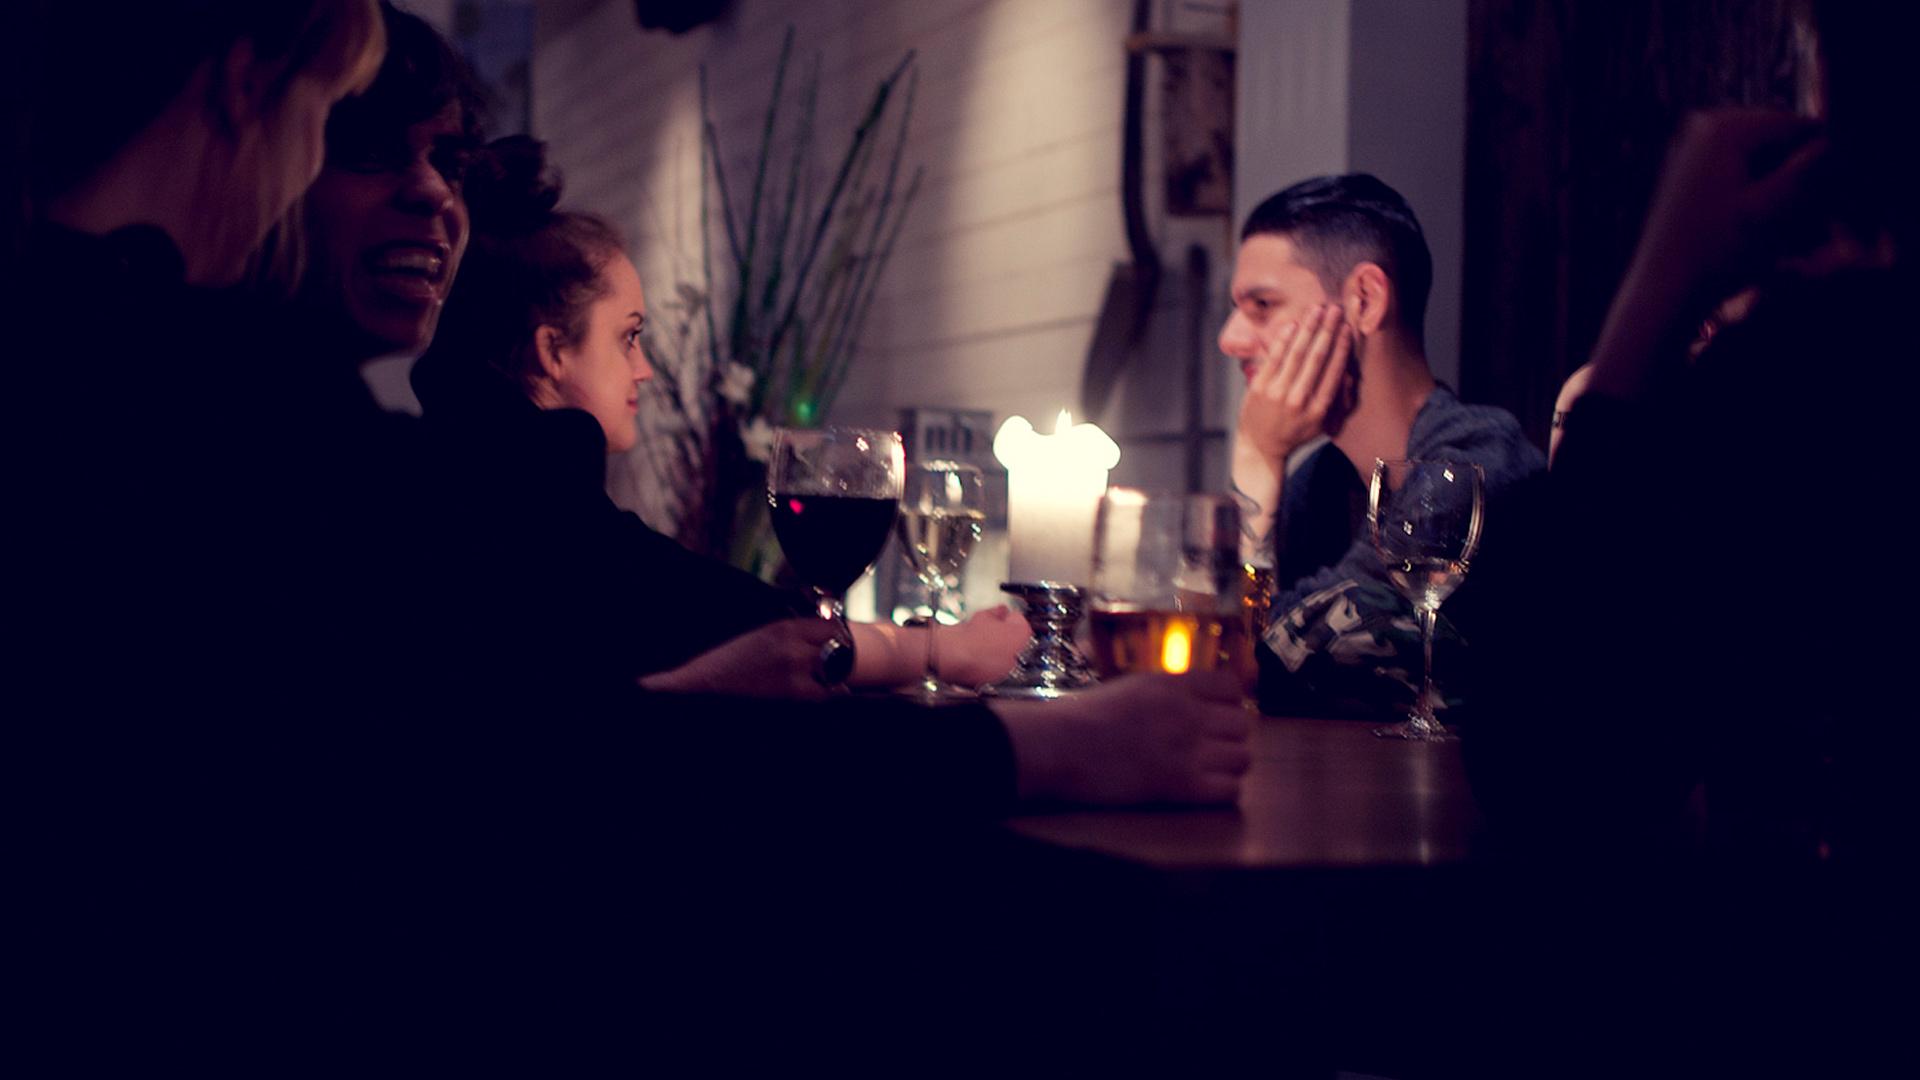 Restaurang folk som diskuterar